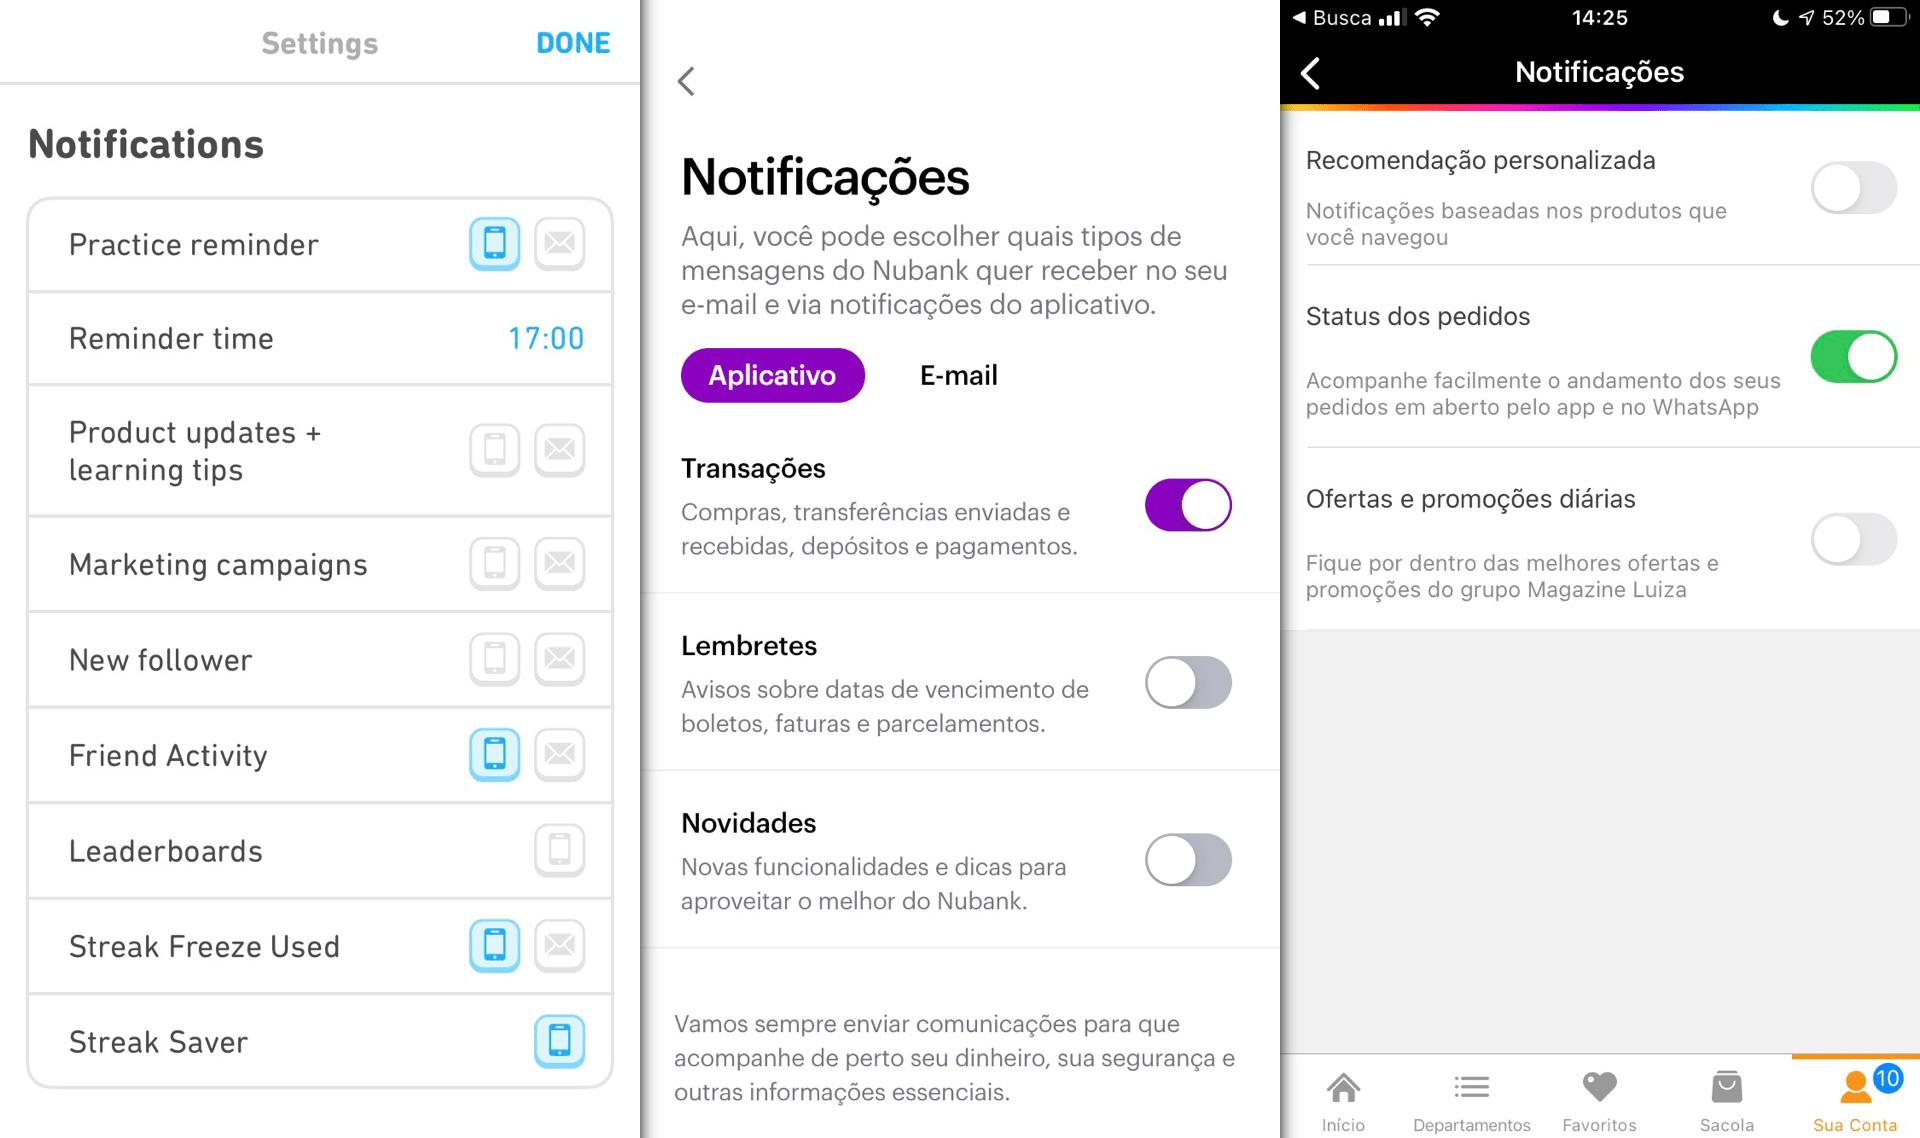 Prints das telas de configuração de notificações dos apps Duolingo, Nubank e Magazine Luiza.